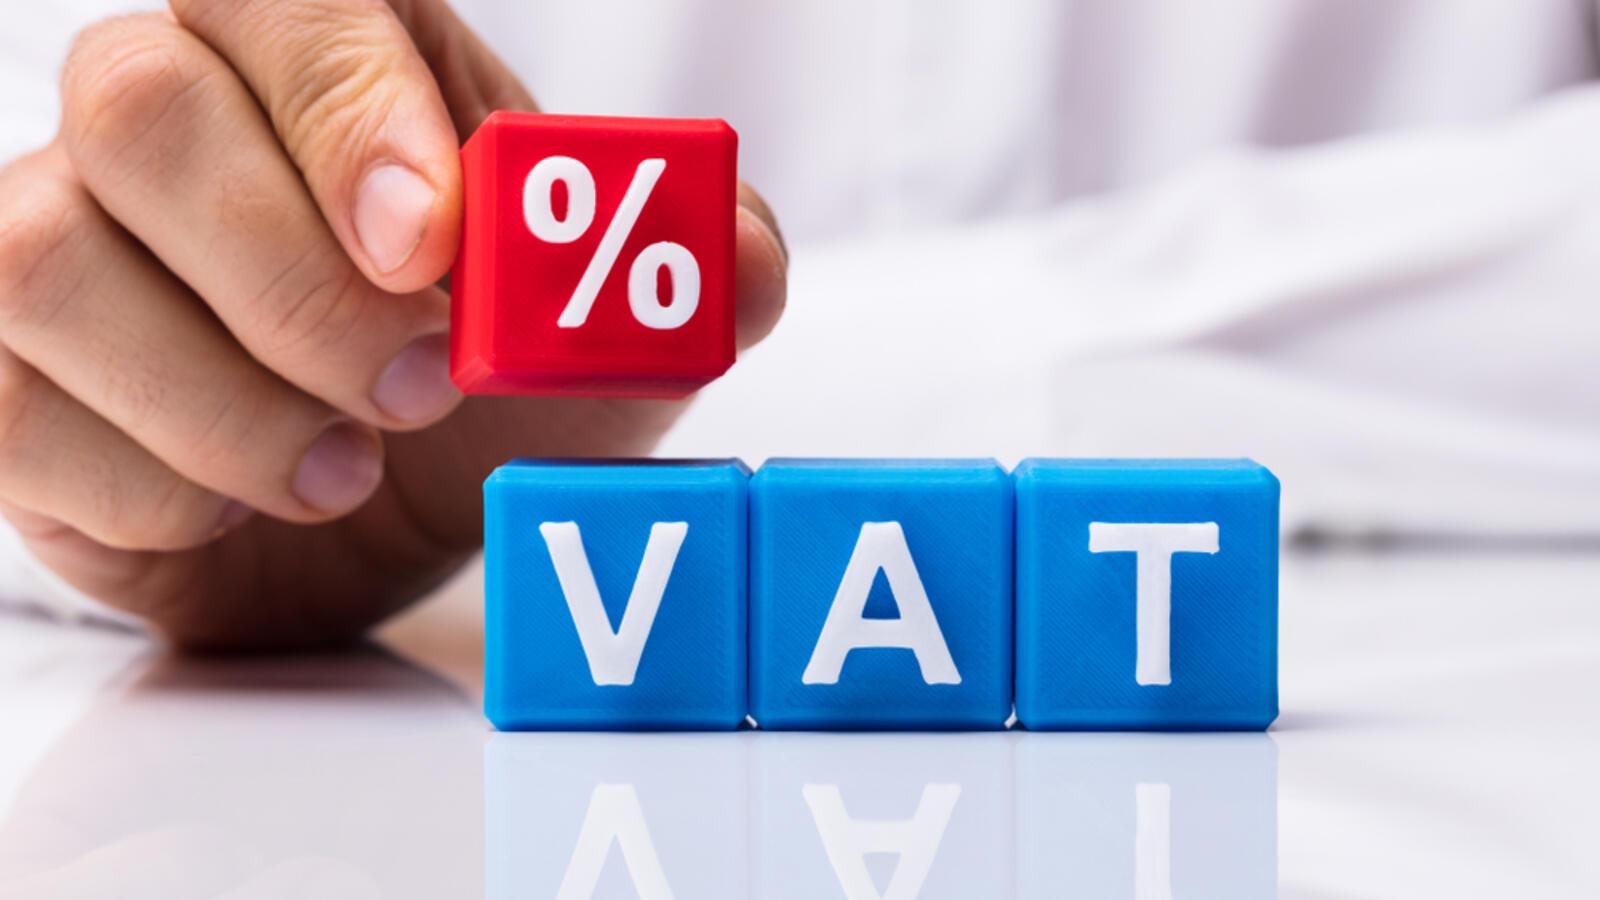 VAT-shutterstock-dec24